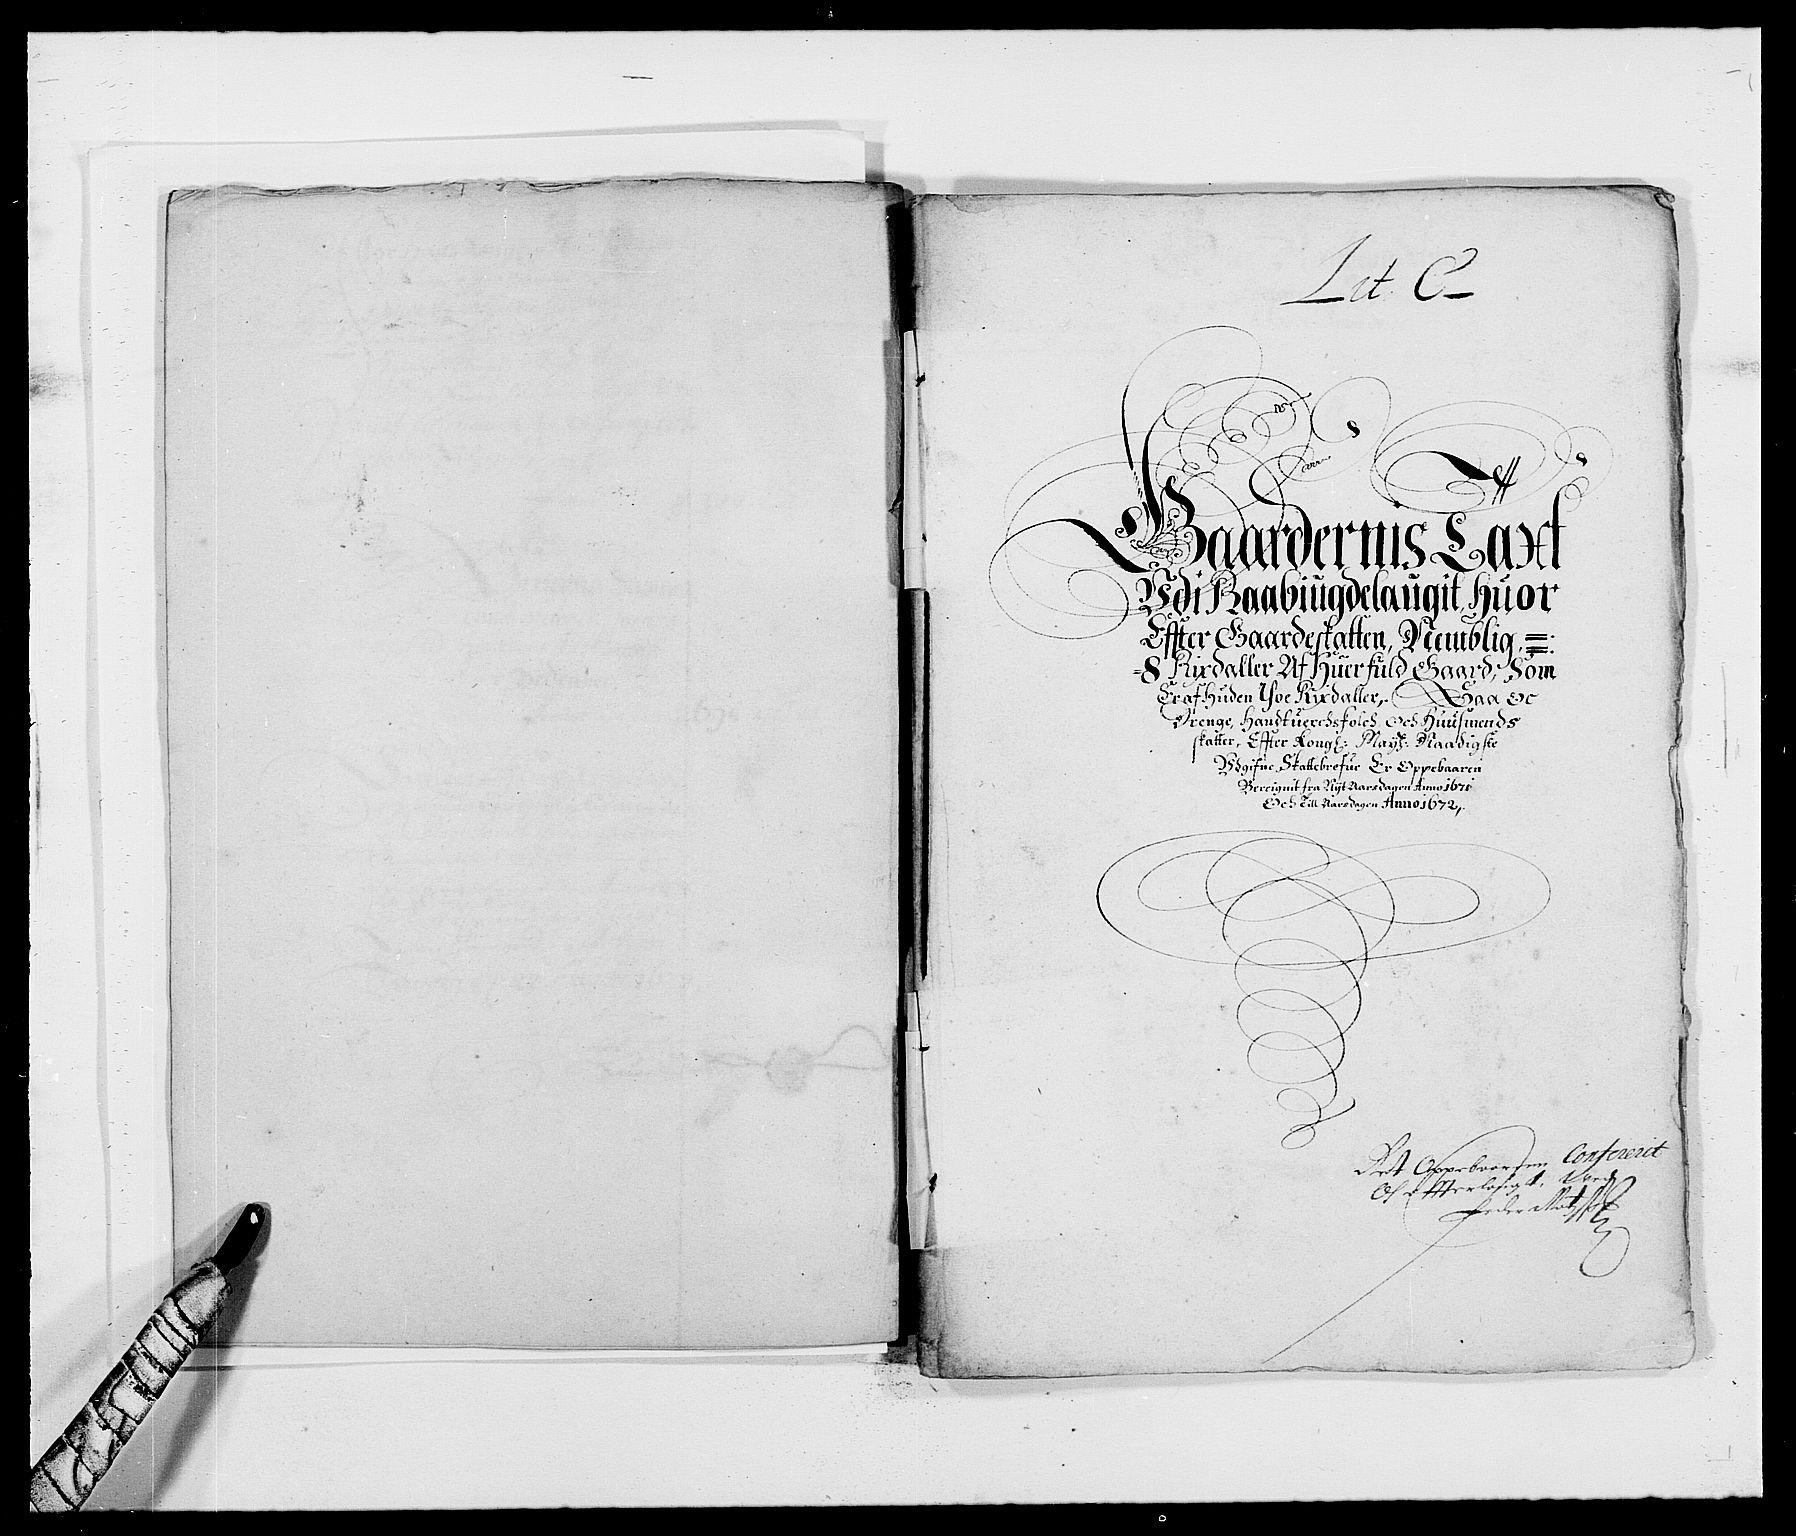 RA, Rentekammeret inntil 1814, Reviderte regnskaper, Fogderegnskap, R40/L2433: Fogderegnskap Råbyggelag, 1671-1674, s. 13